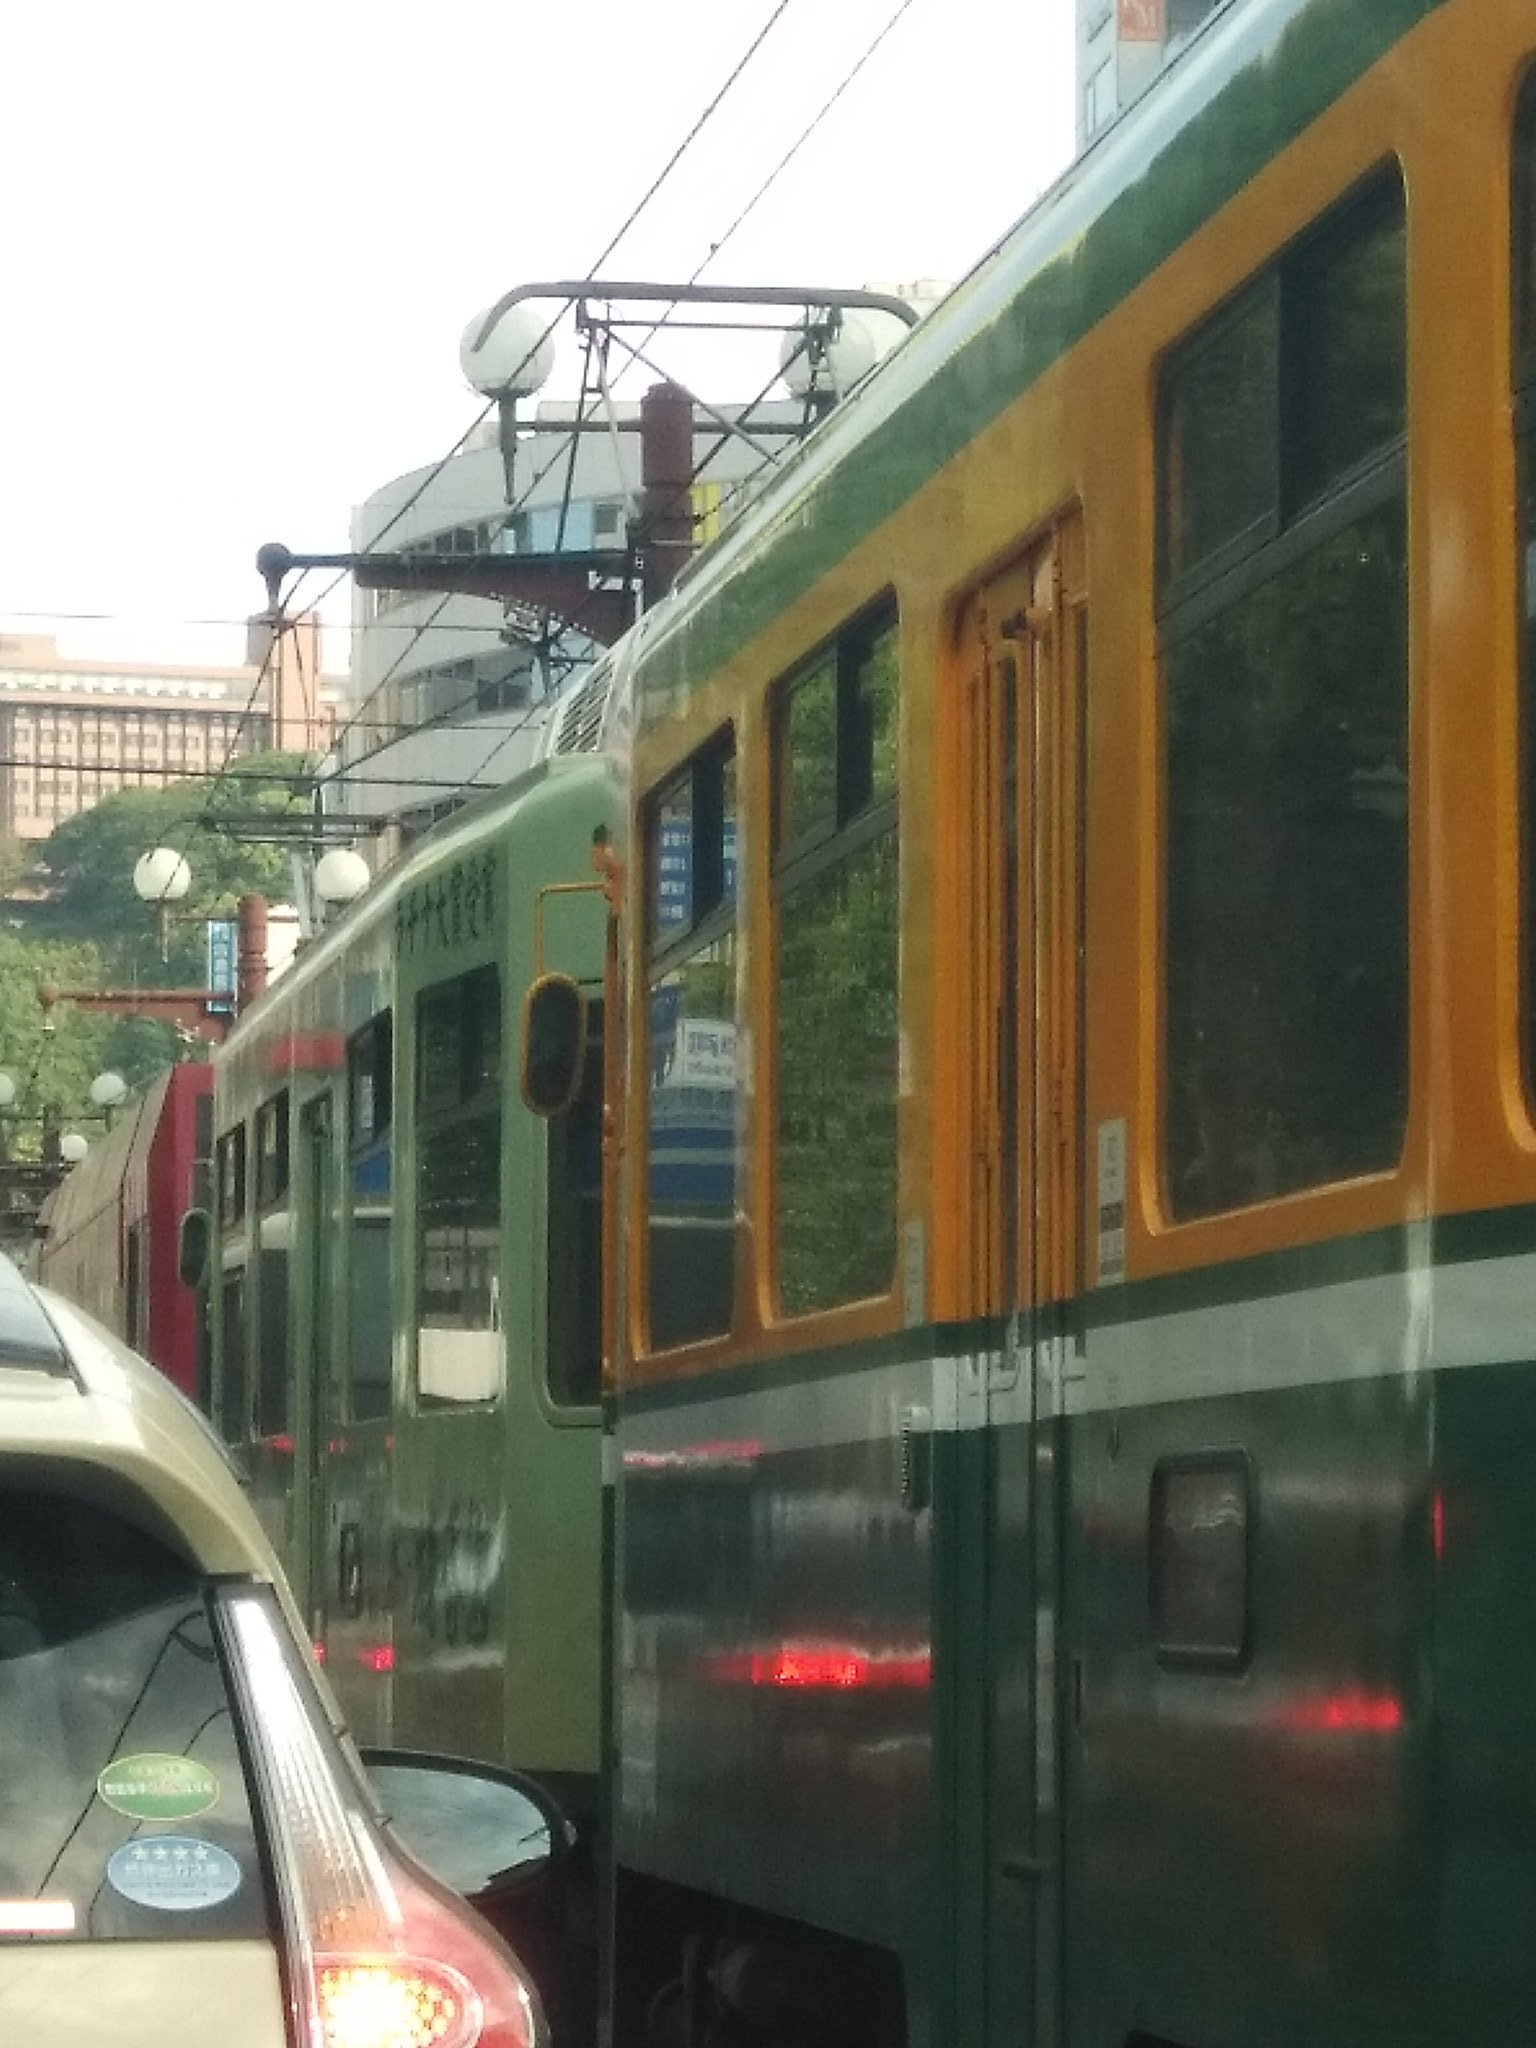 画像,電車事故って渋滞してるんだけど https://t.co/O6sq5zB0fB。